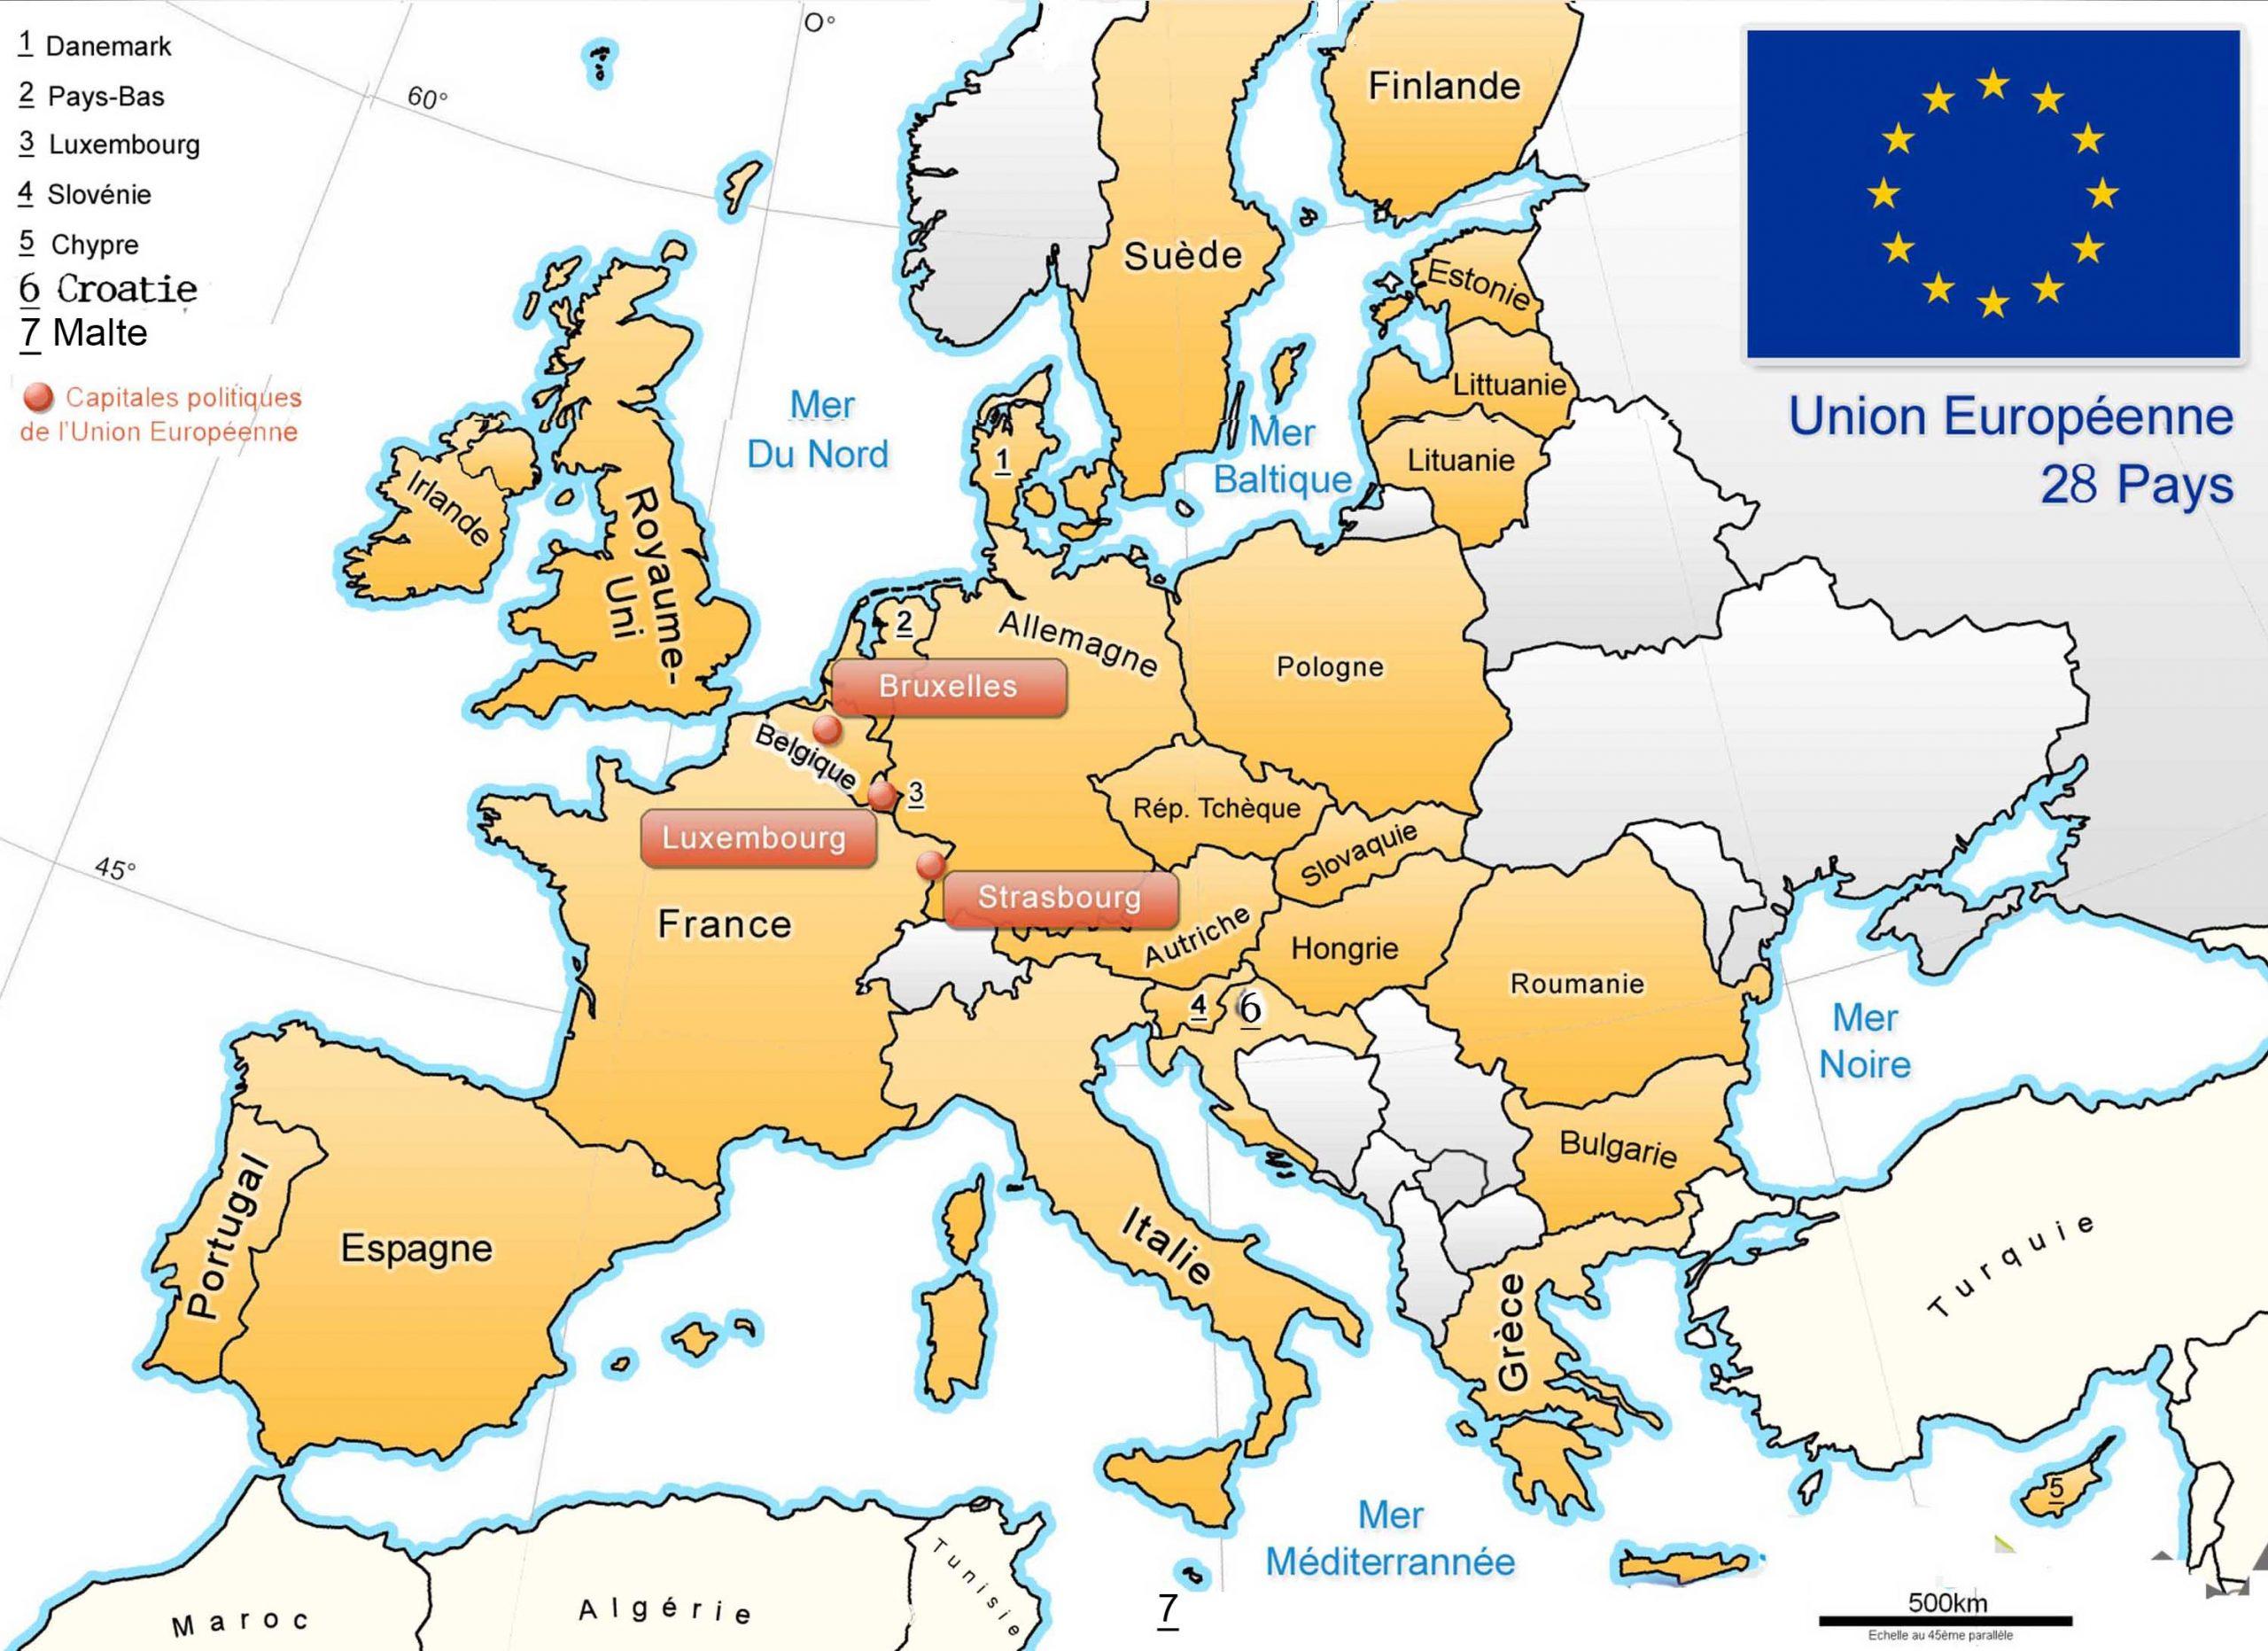 Apprendre À Placer Les Pays De L' Union Européenne - Le Blog destiné Carte De L Europe Et Capitale